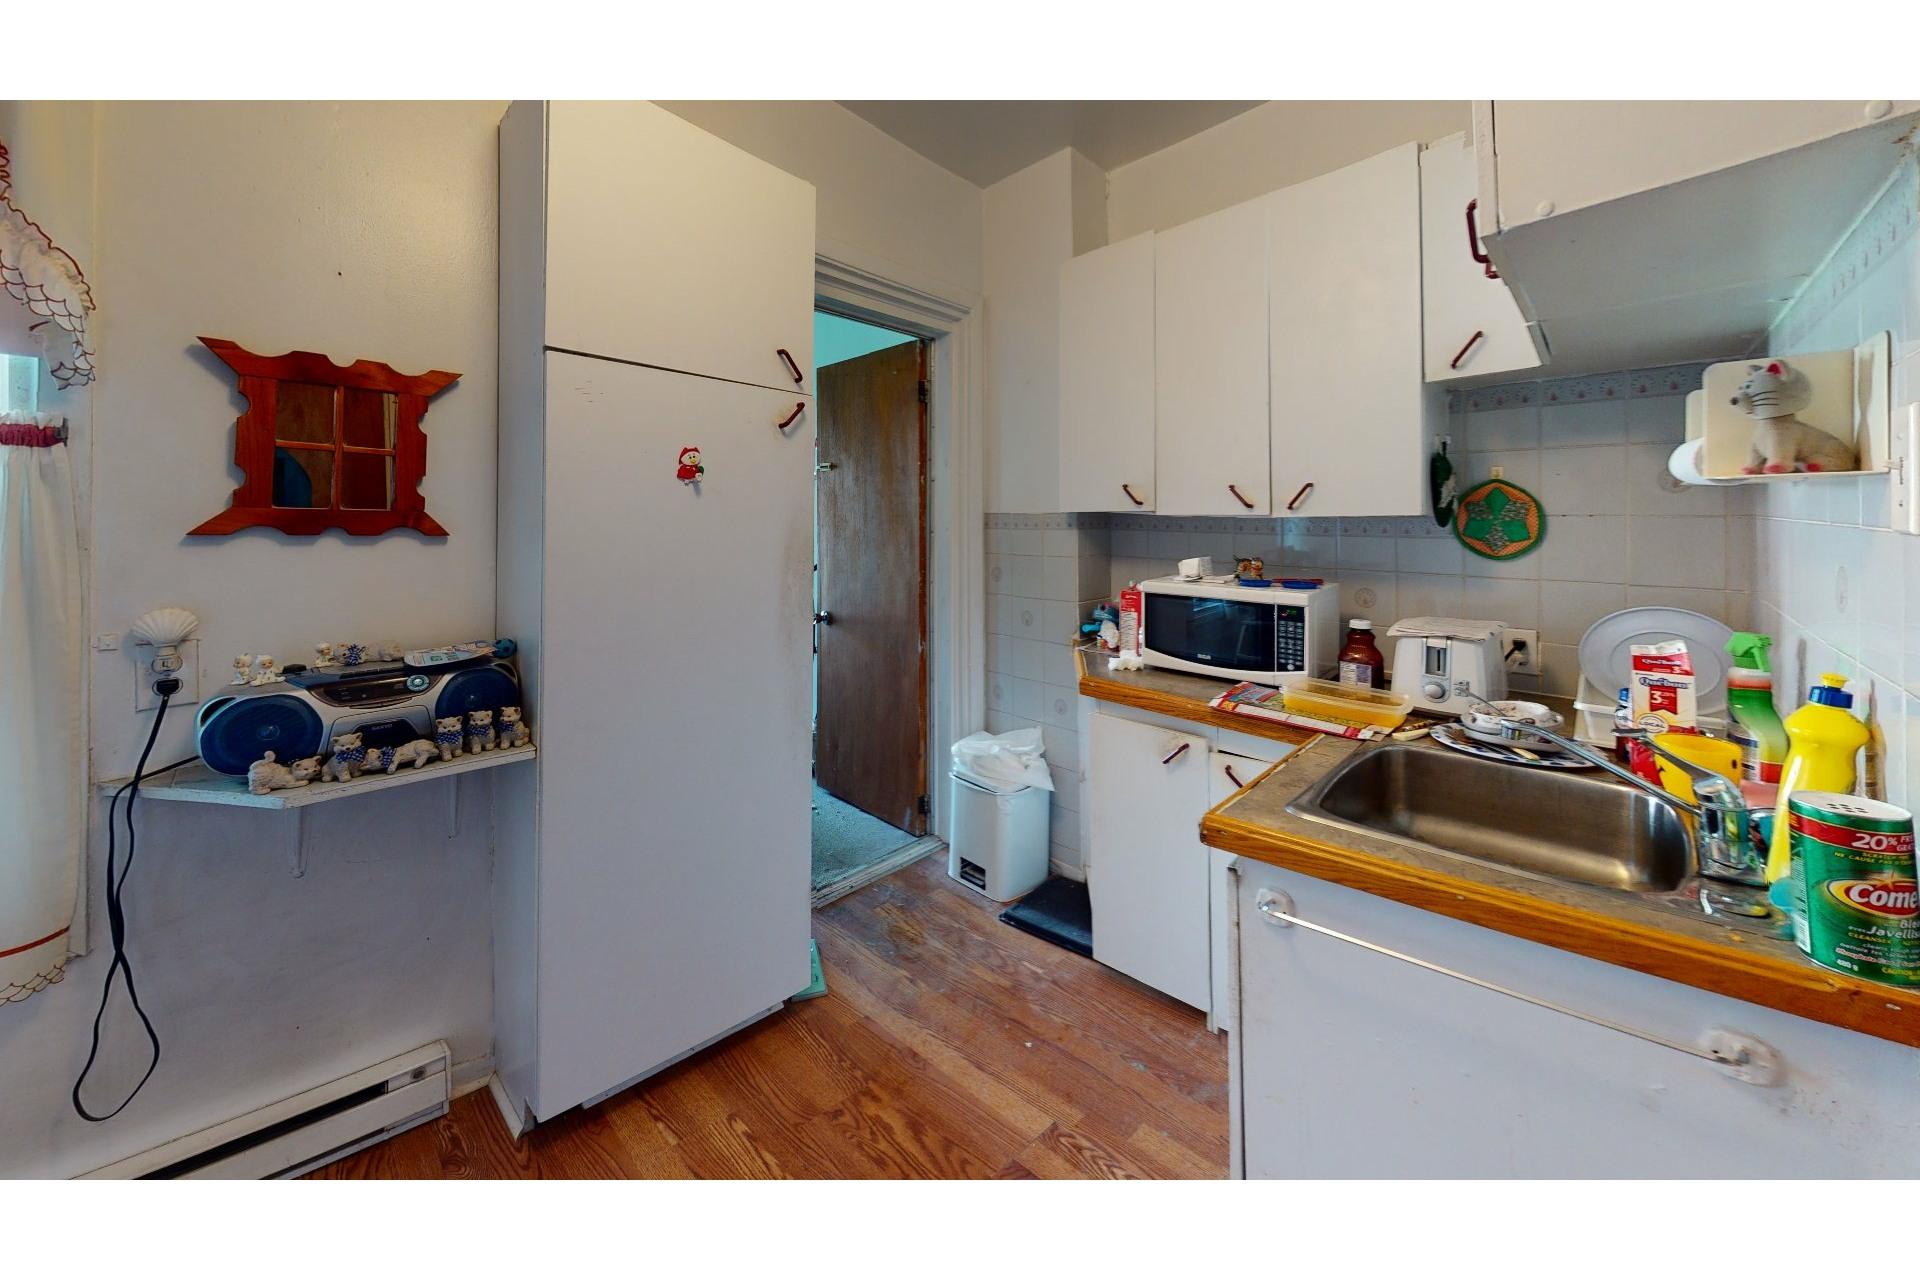 image 12 - Duplex À vendre Rosemont/La Petite-Patrie Montréal  - 7 pièces